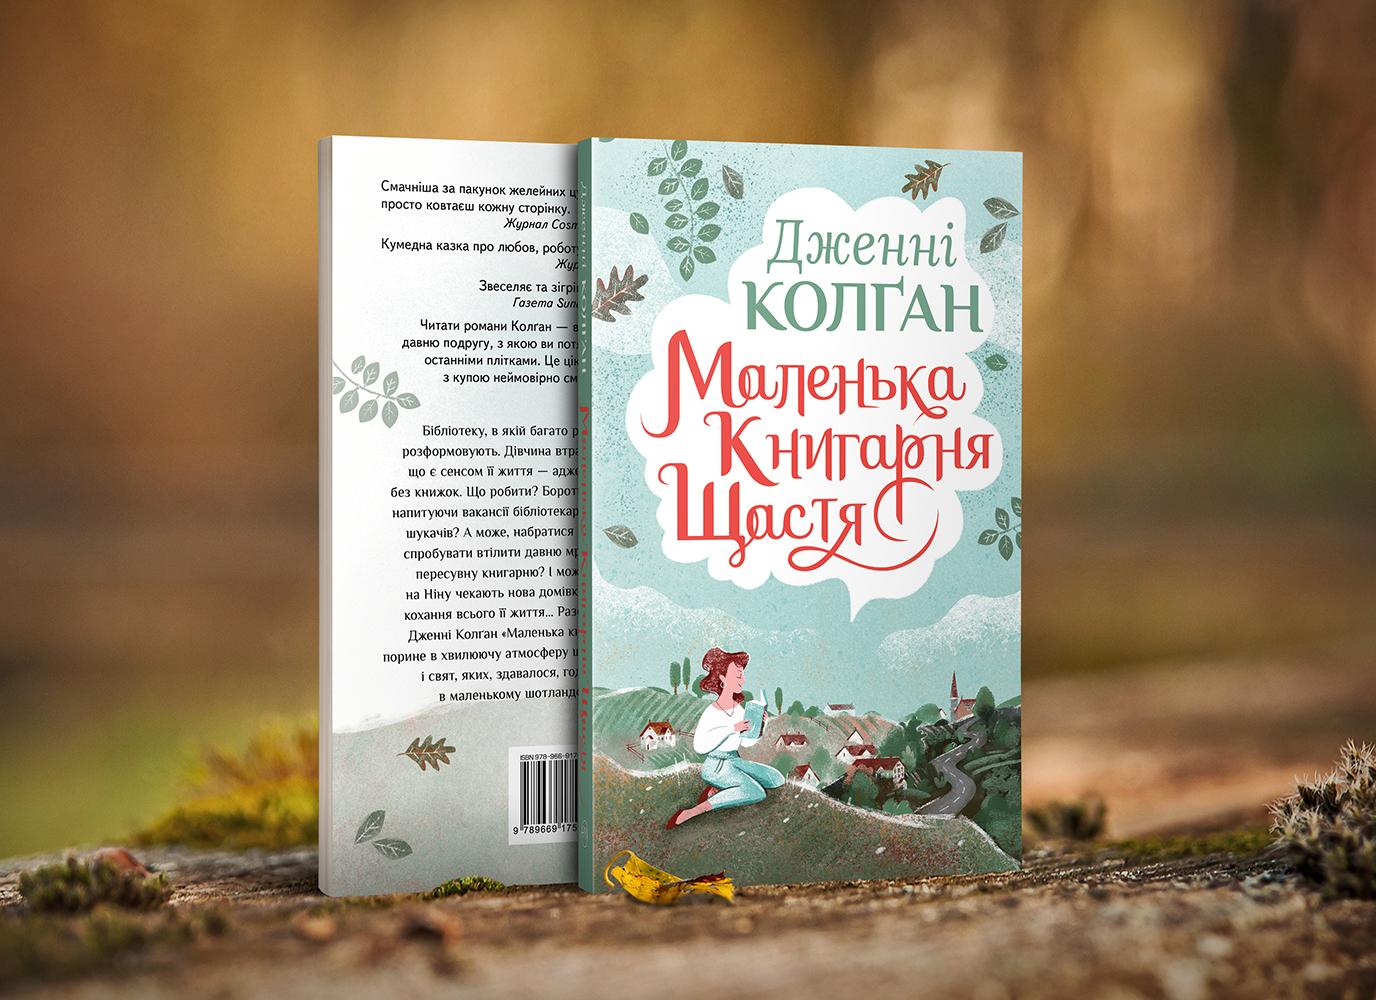 Дженні Колґан «Маленька книгарня щастя»